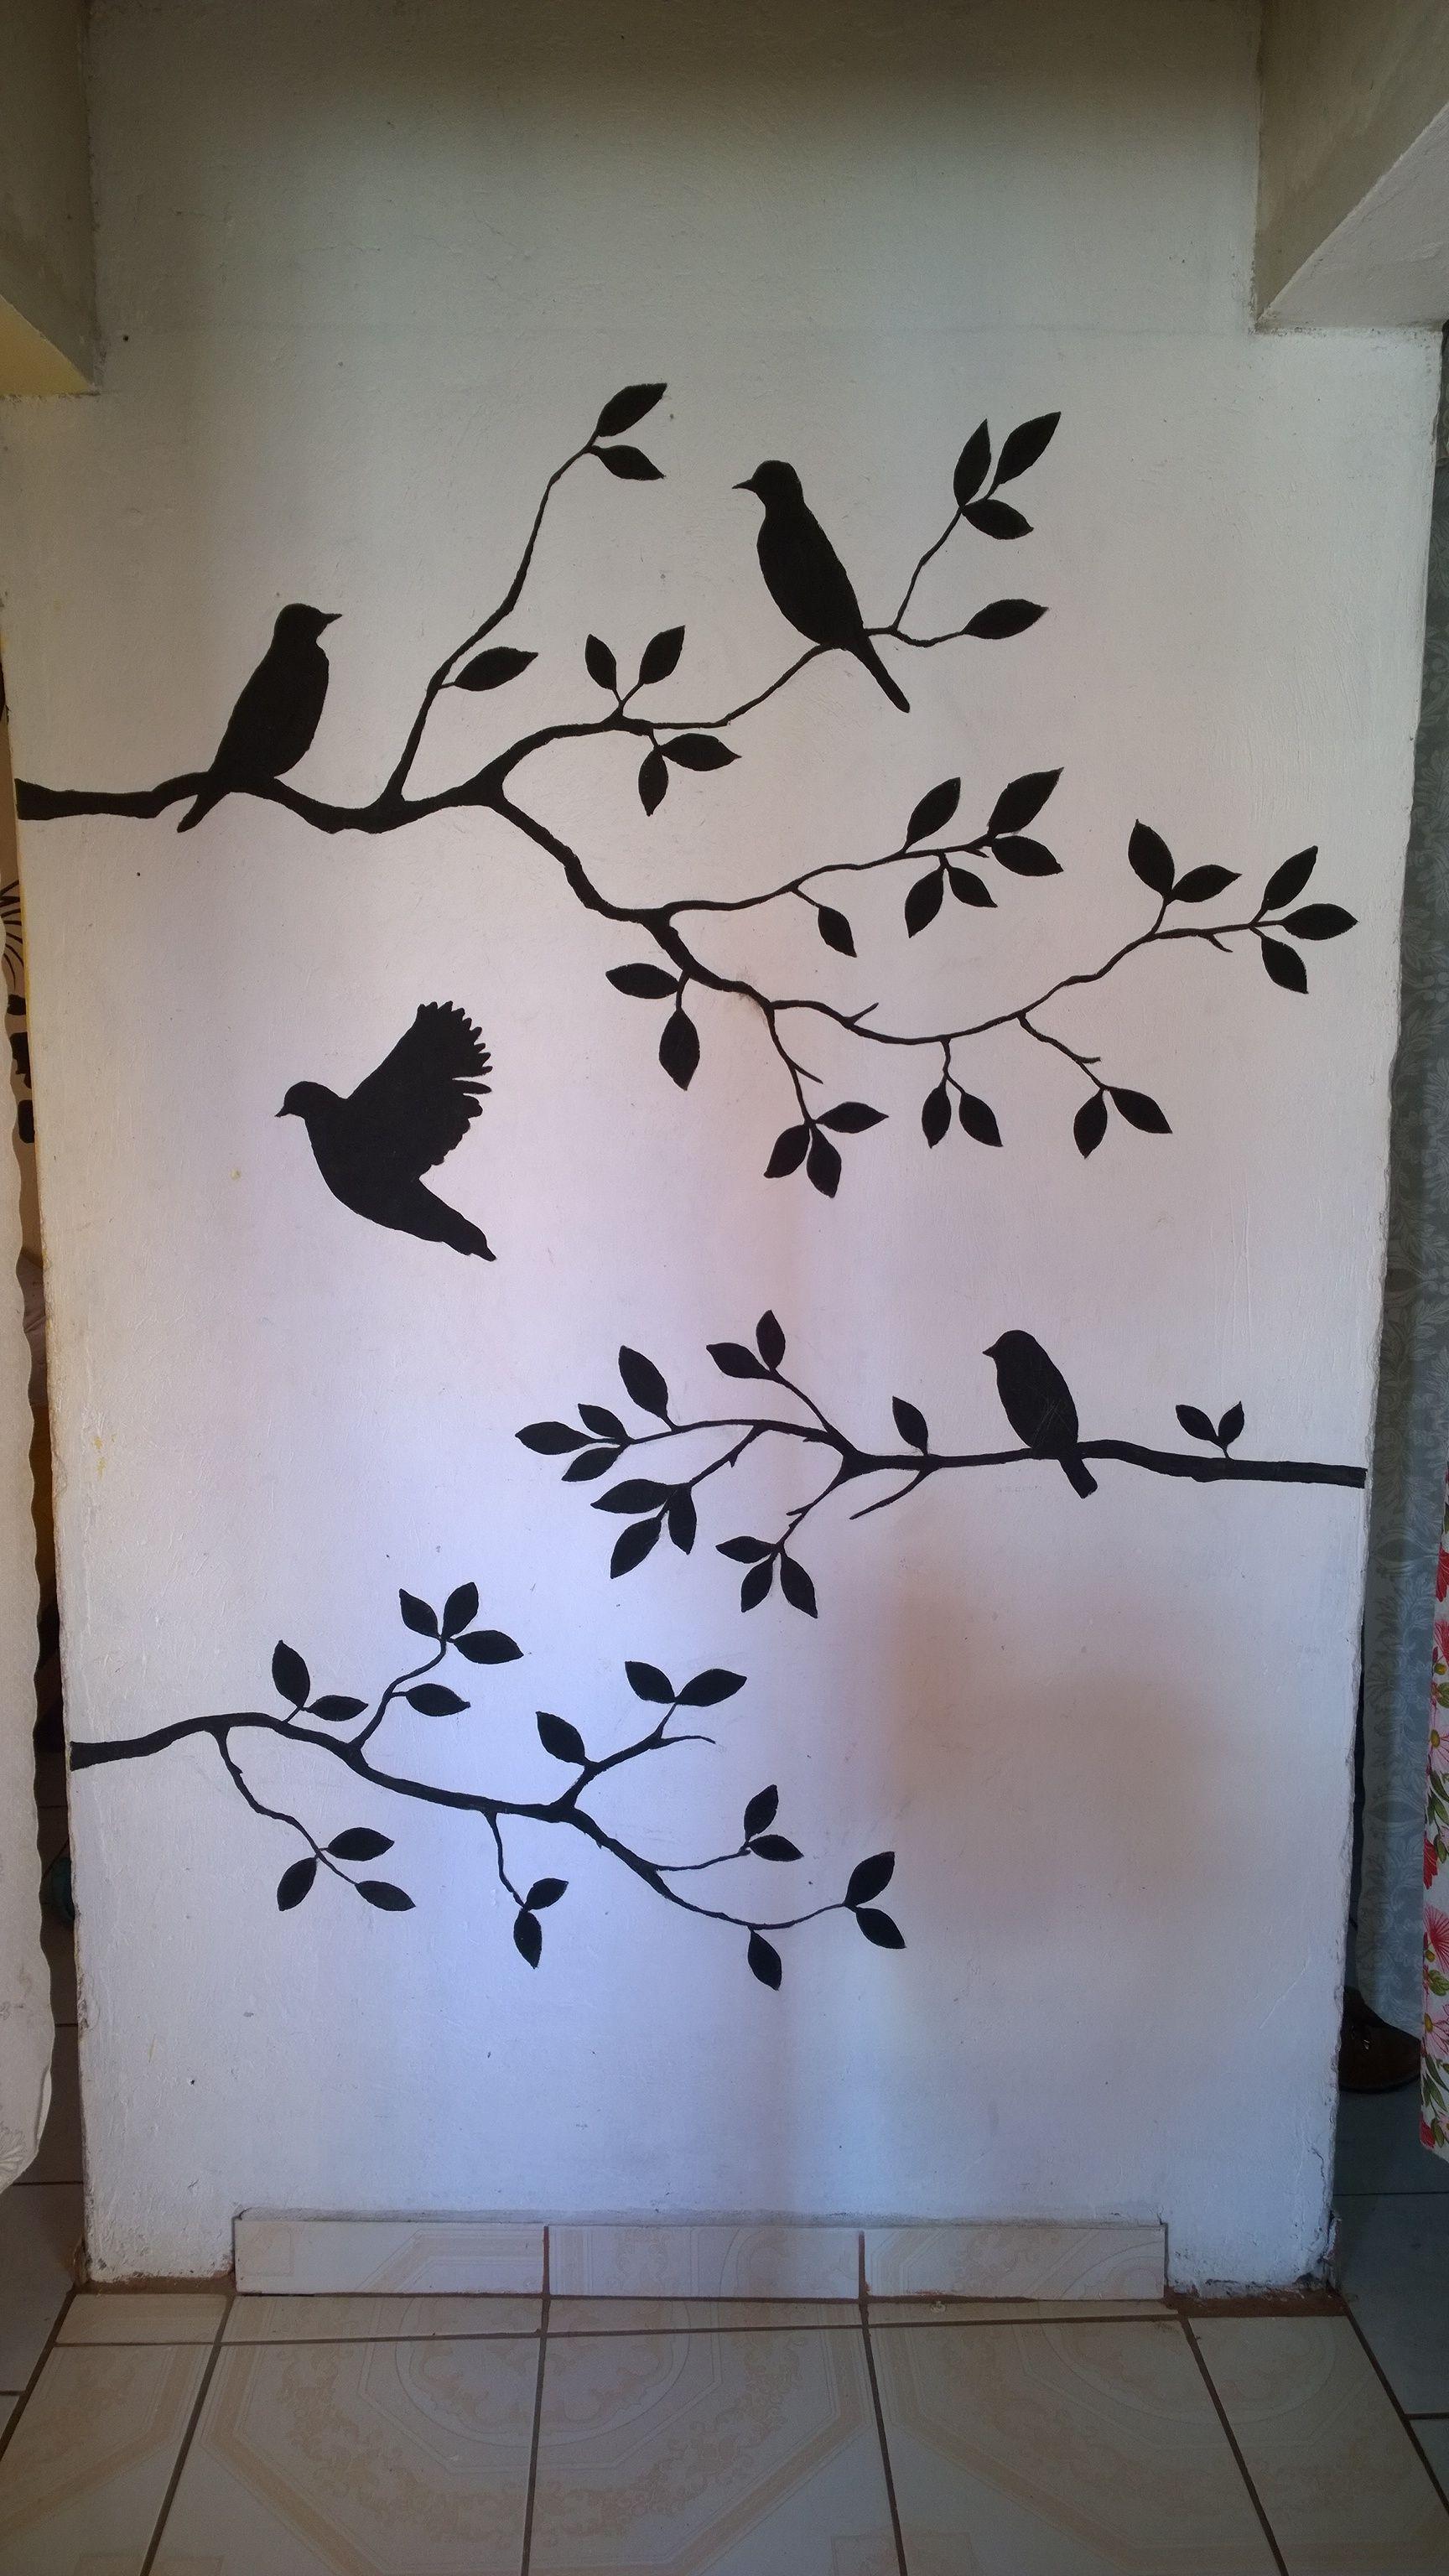 Mural Vinilo De Aves Vinilos De Aves Decoracion De Muros Disfraces De Halloween Infantiles